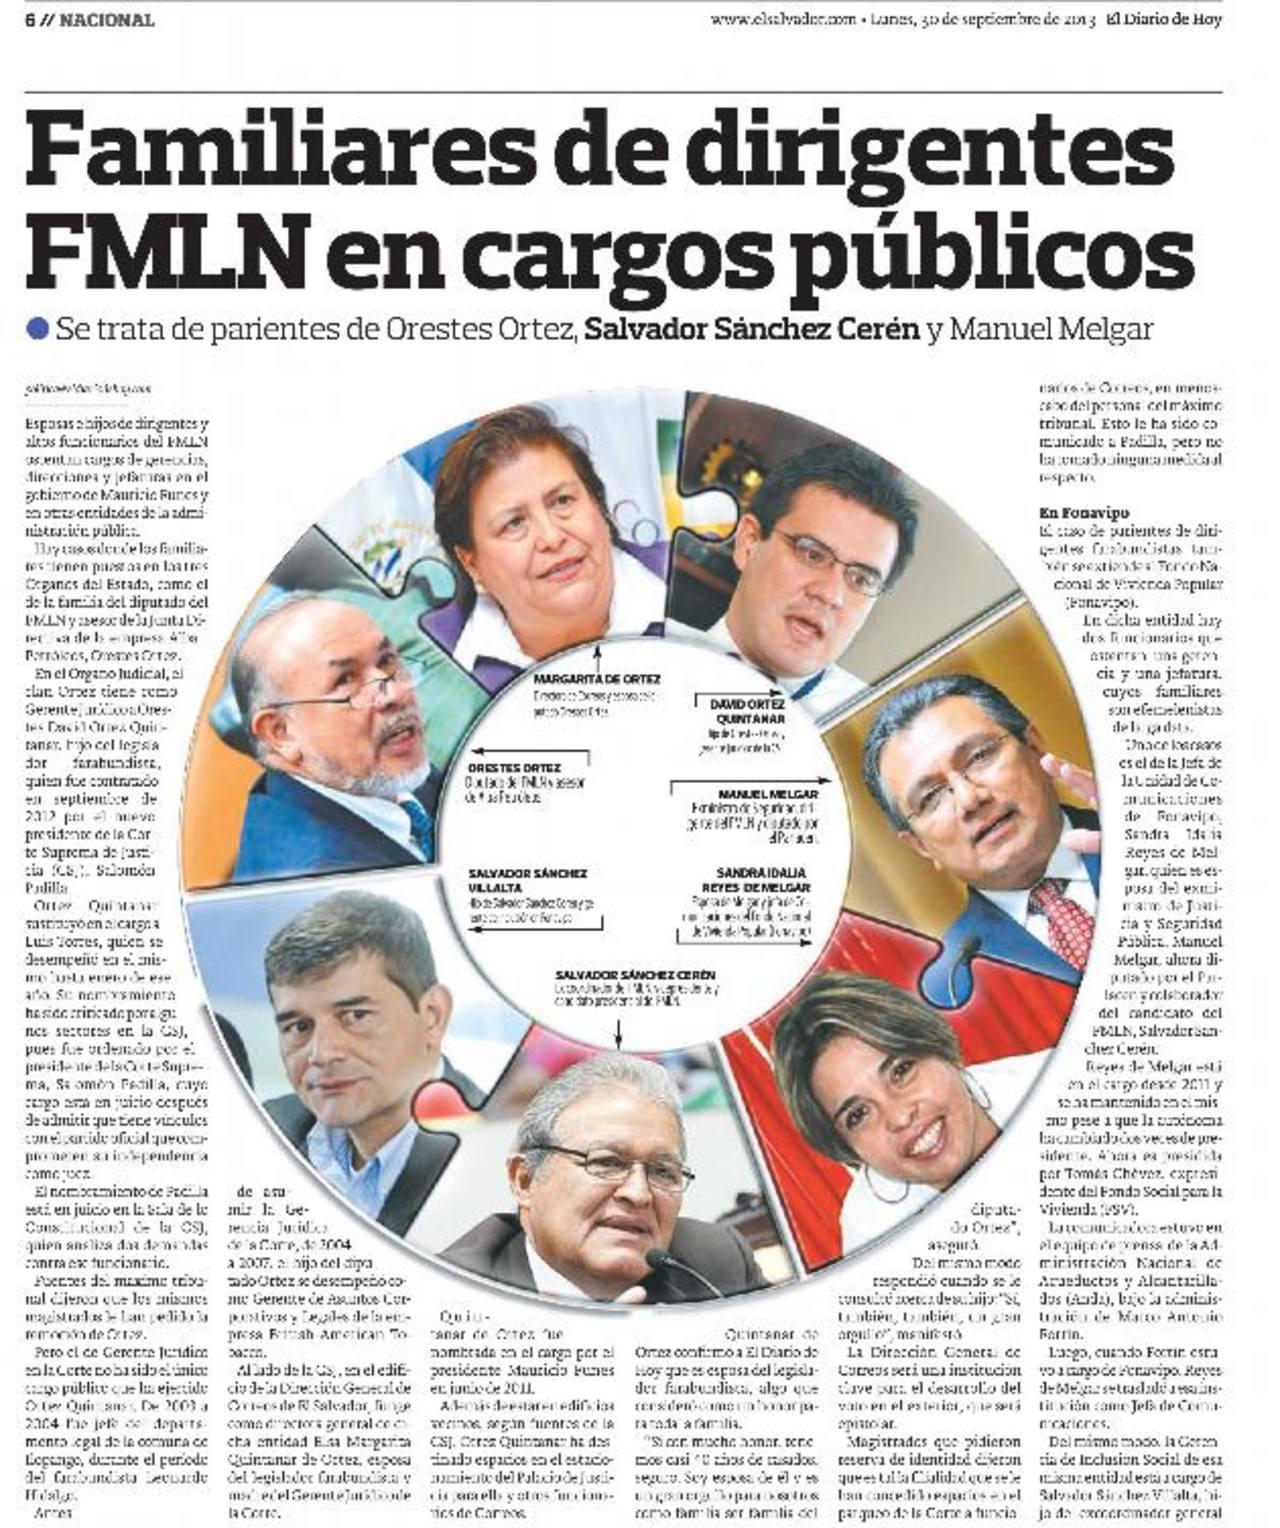 Funes defiende empleo de parientes FMLN en gobierno